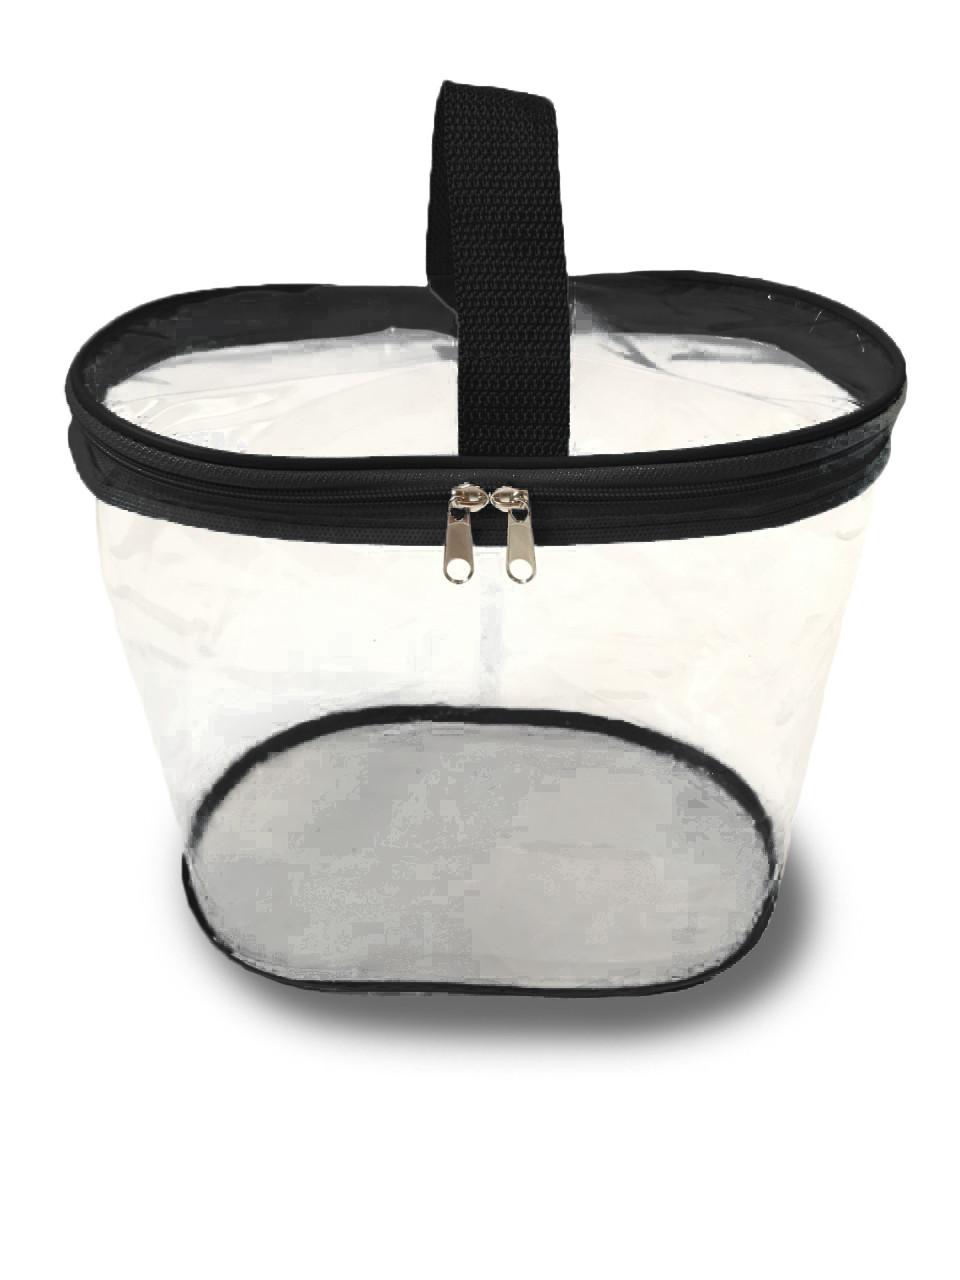 Косметичка Органайзер Mommy Bag- 24,5*22,5*16см - Черная